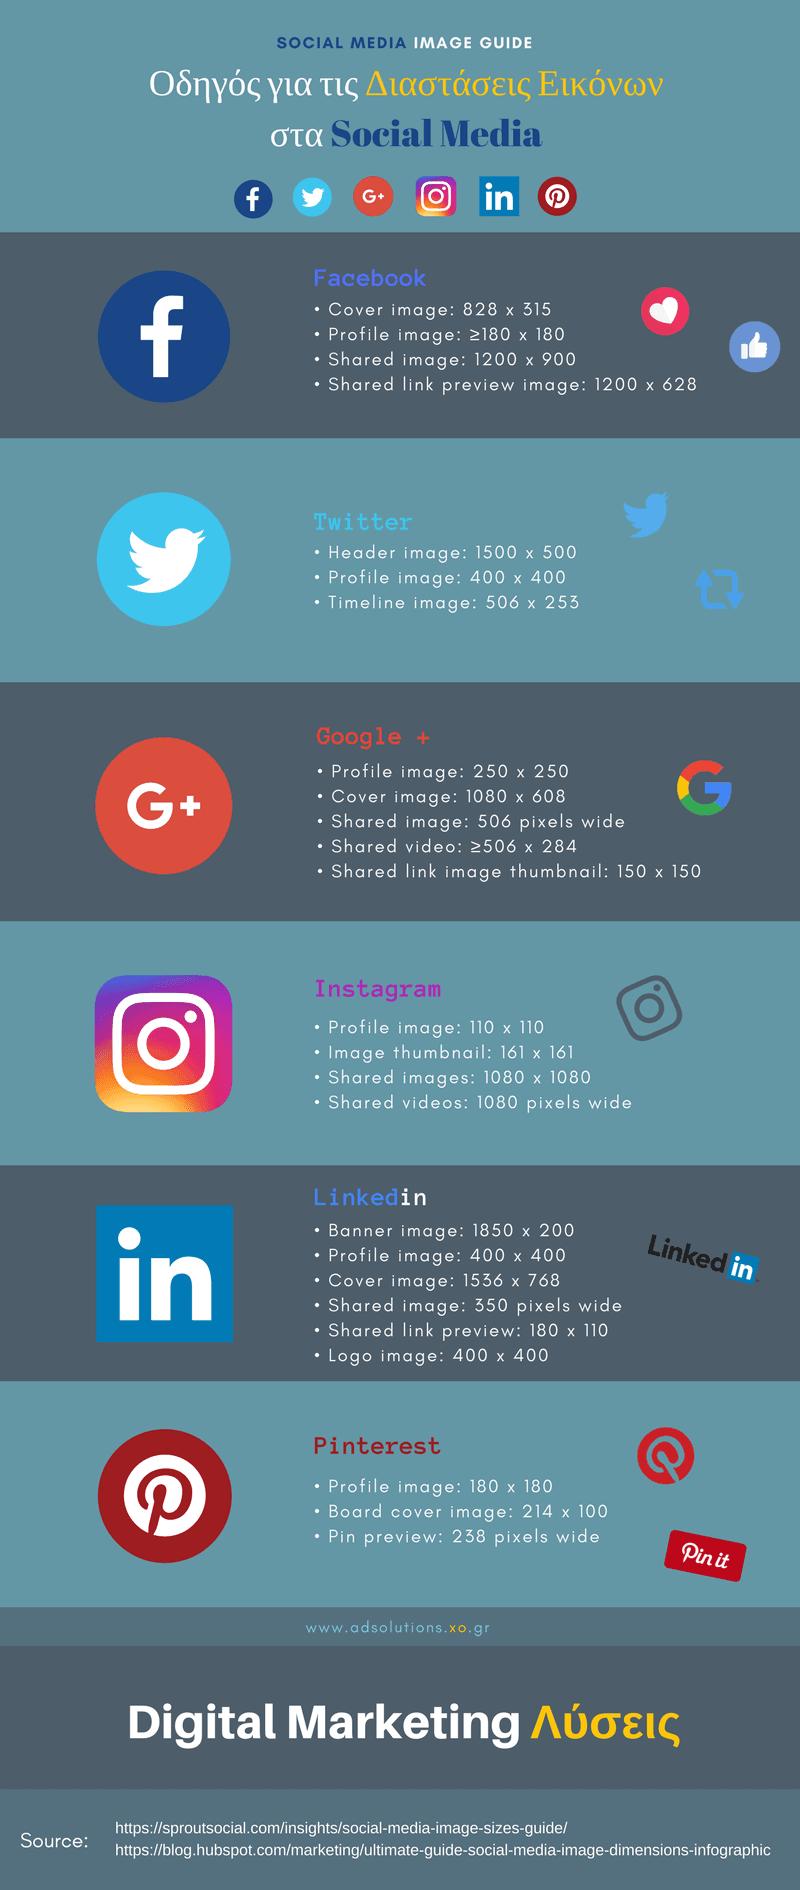 Οδηγός για τις Διαστάσεις Εικόνων στα Social Media [Infographic]